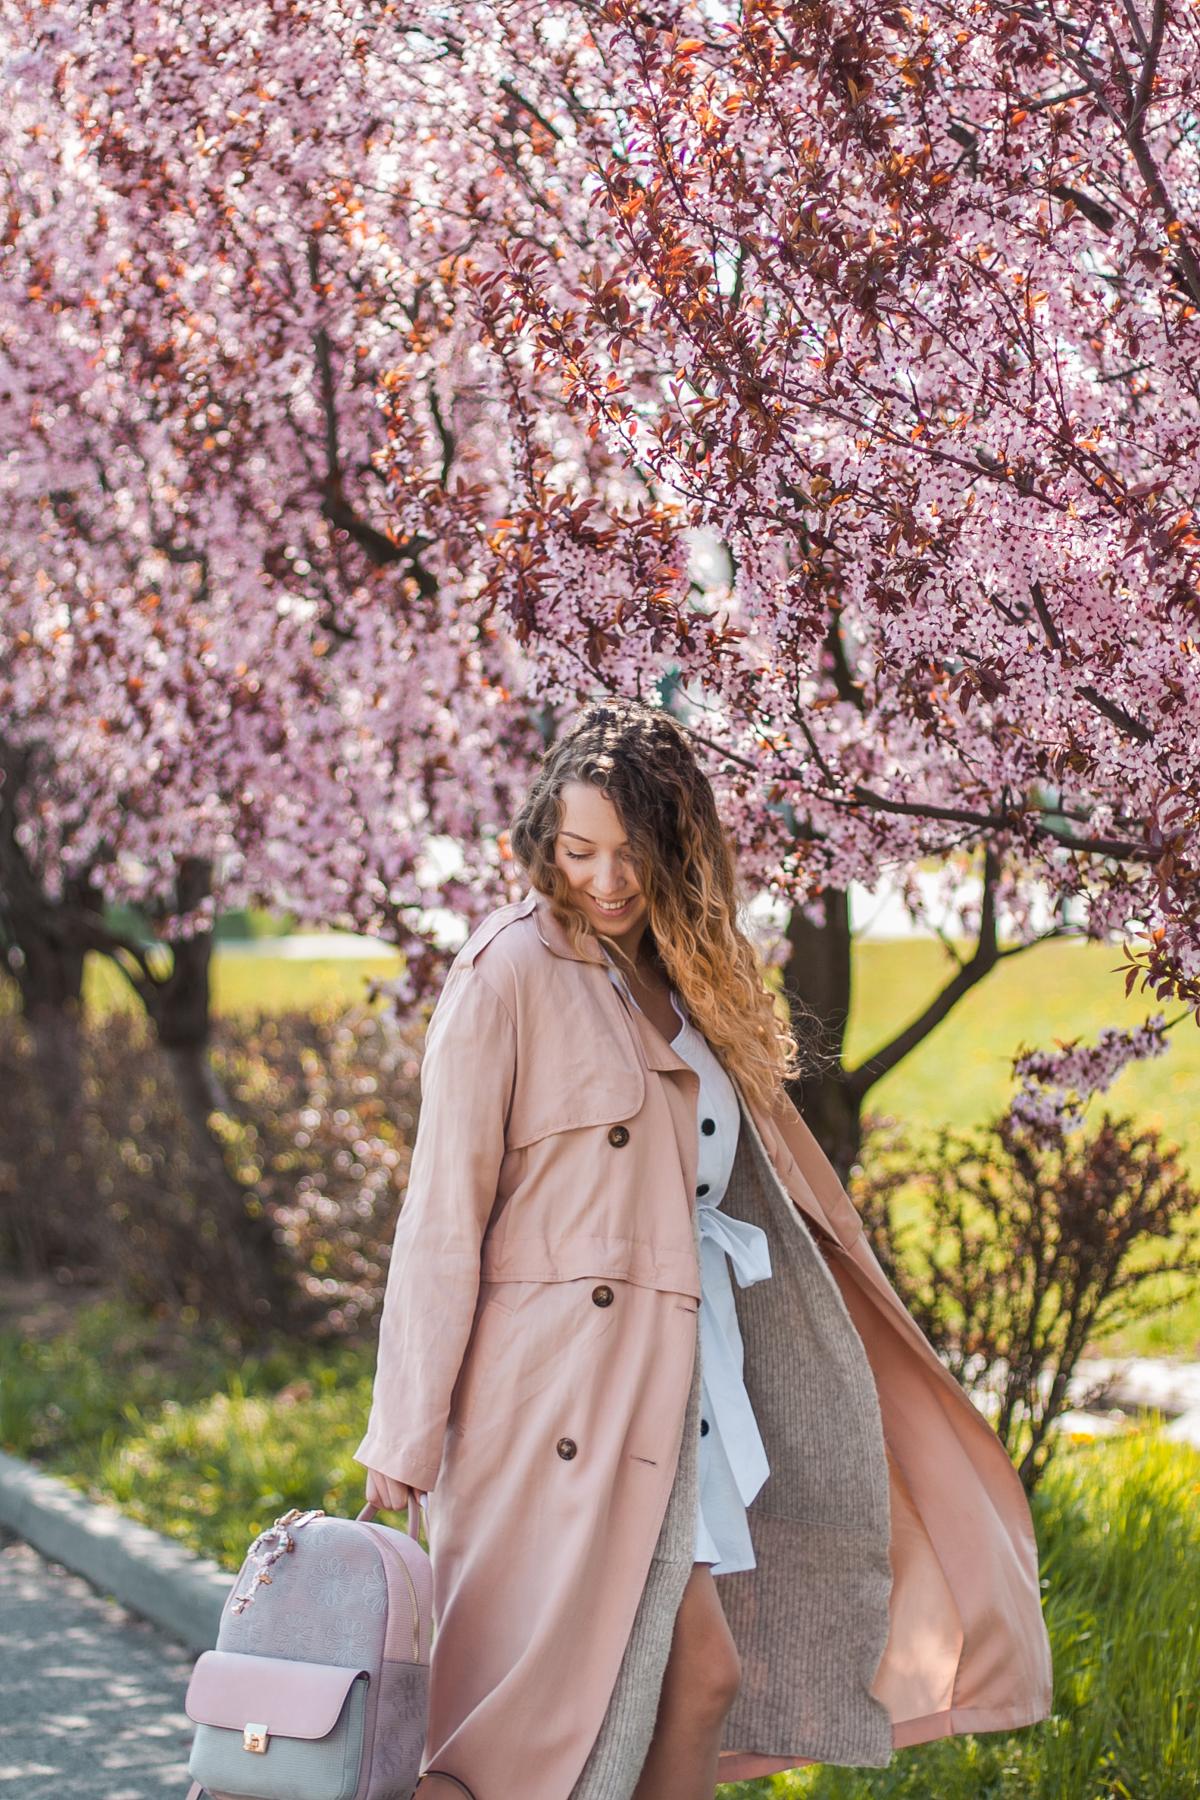 pudrowo różowy płaszcz trench coat w stylizacji